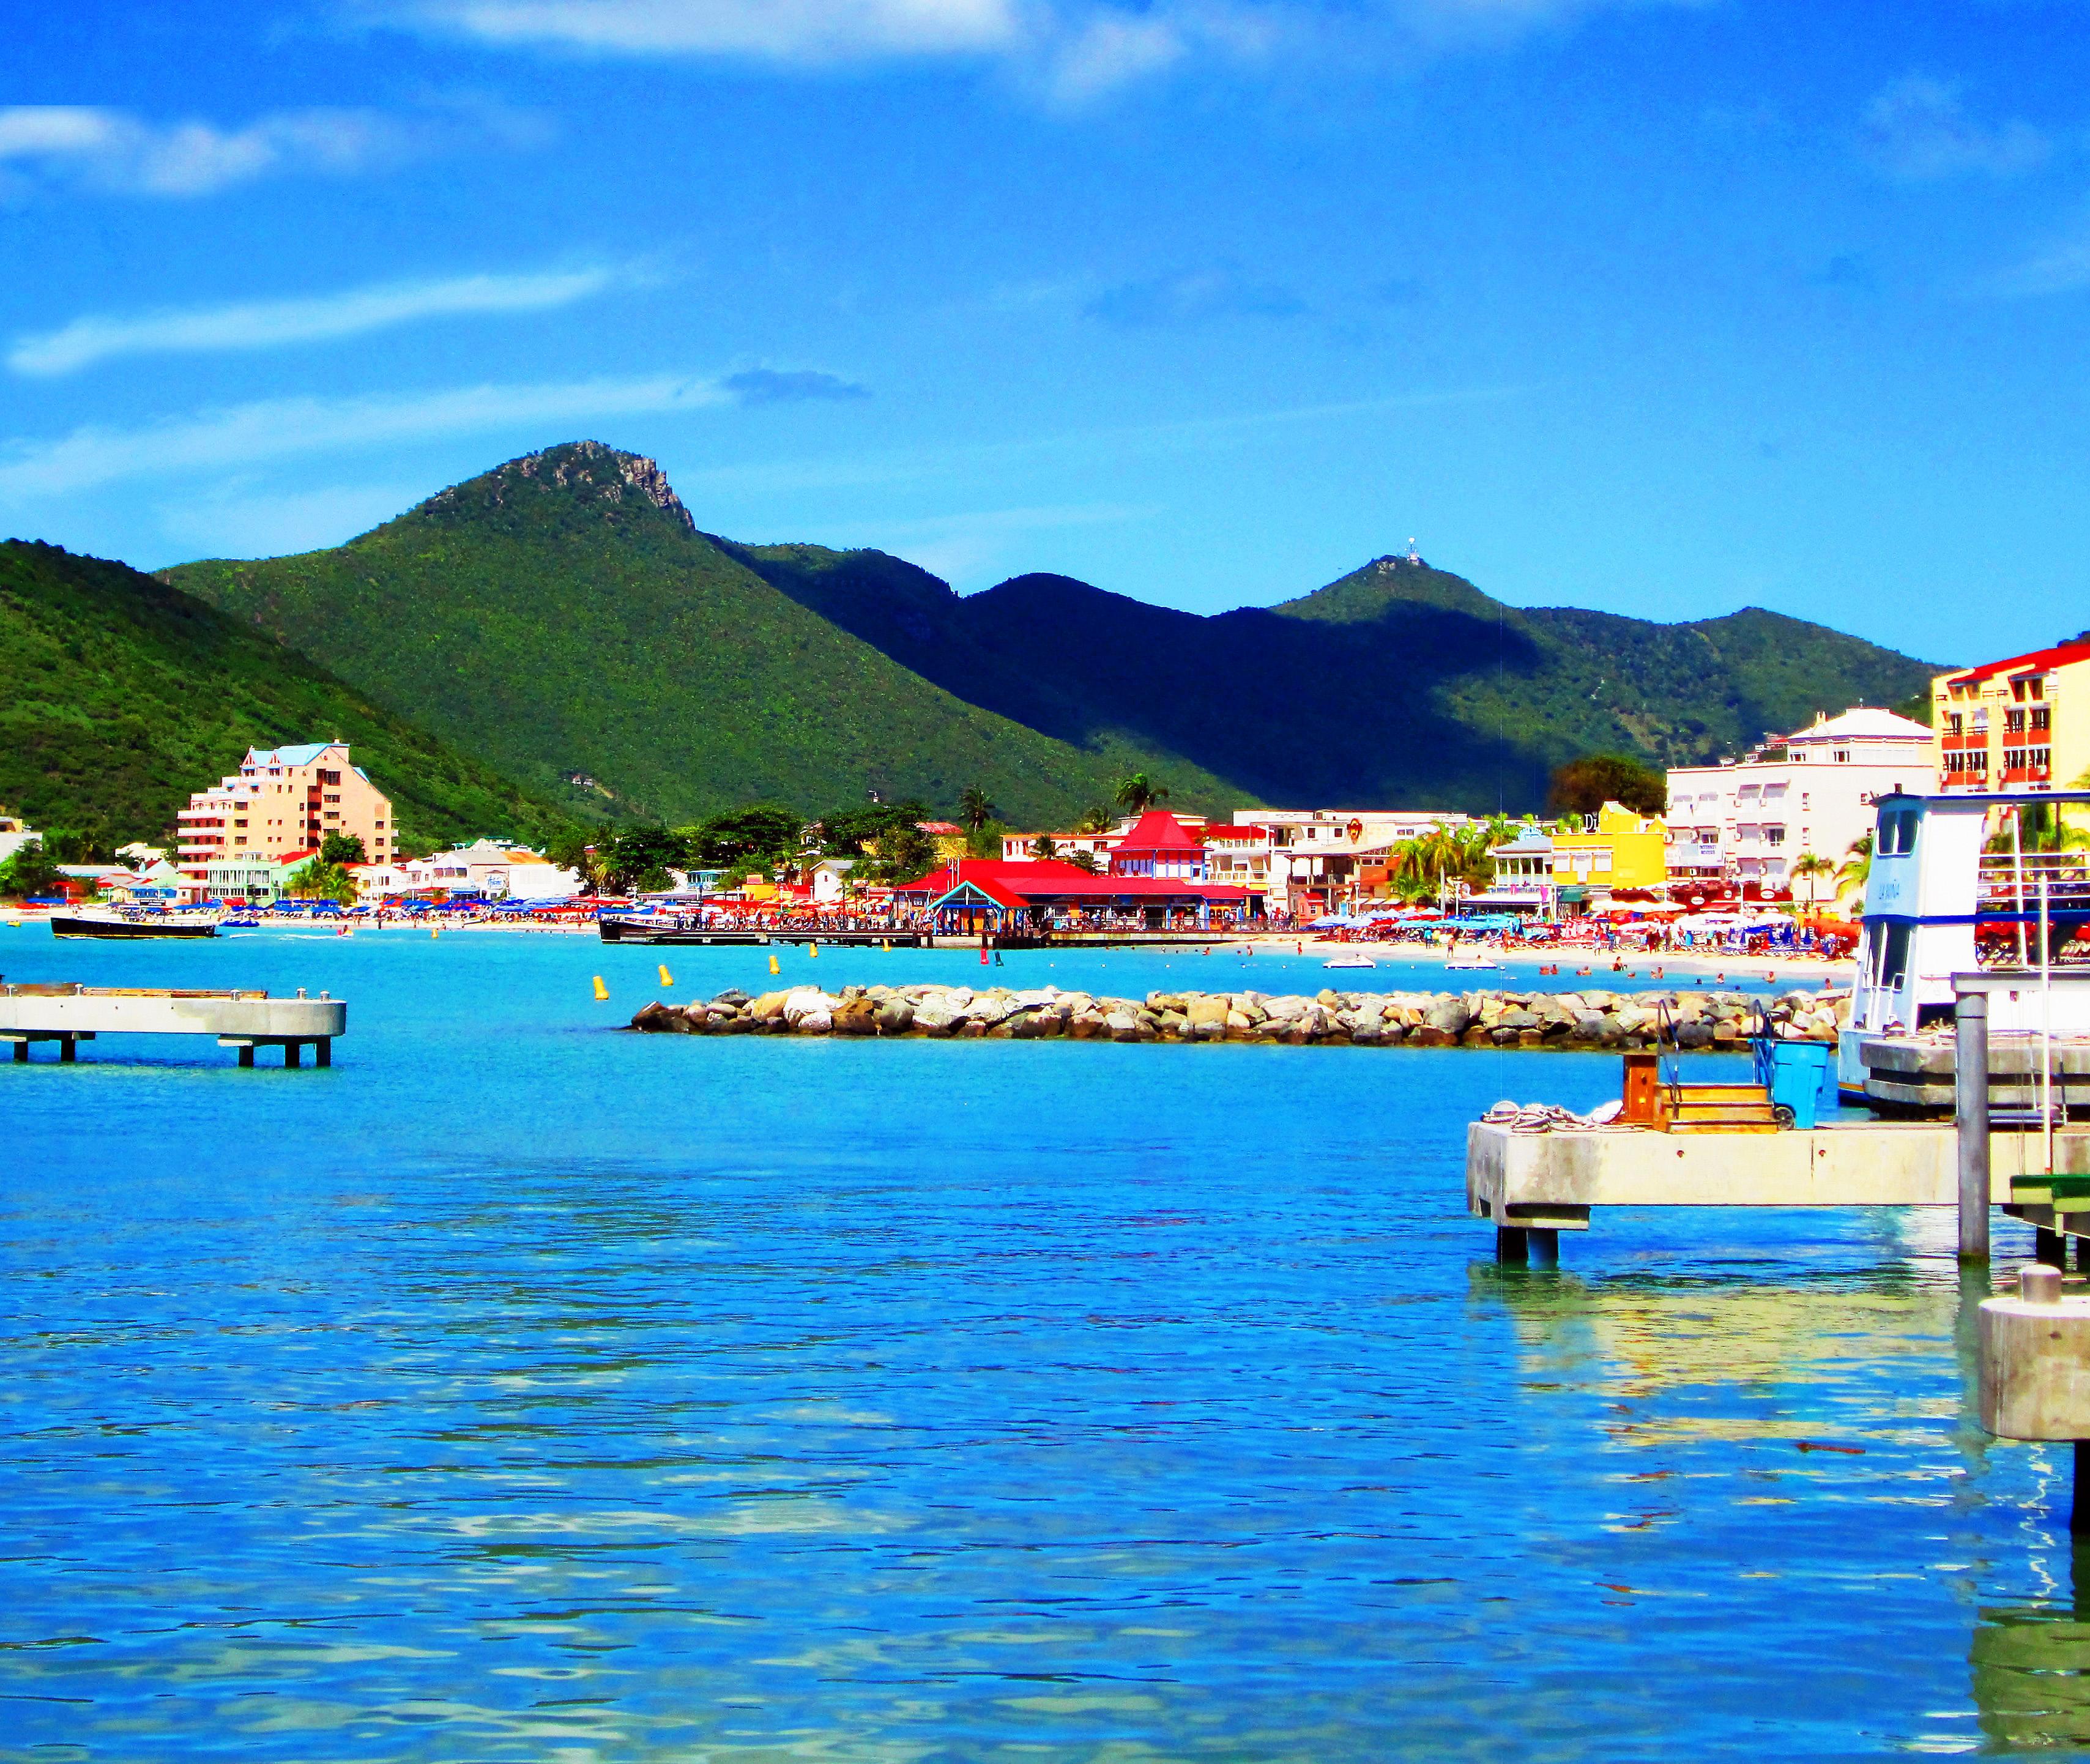 Noleggio Barche Great Bay - Navalia | Noleggia un Sogno